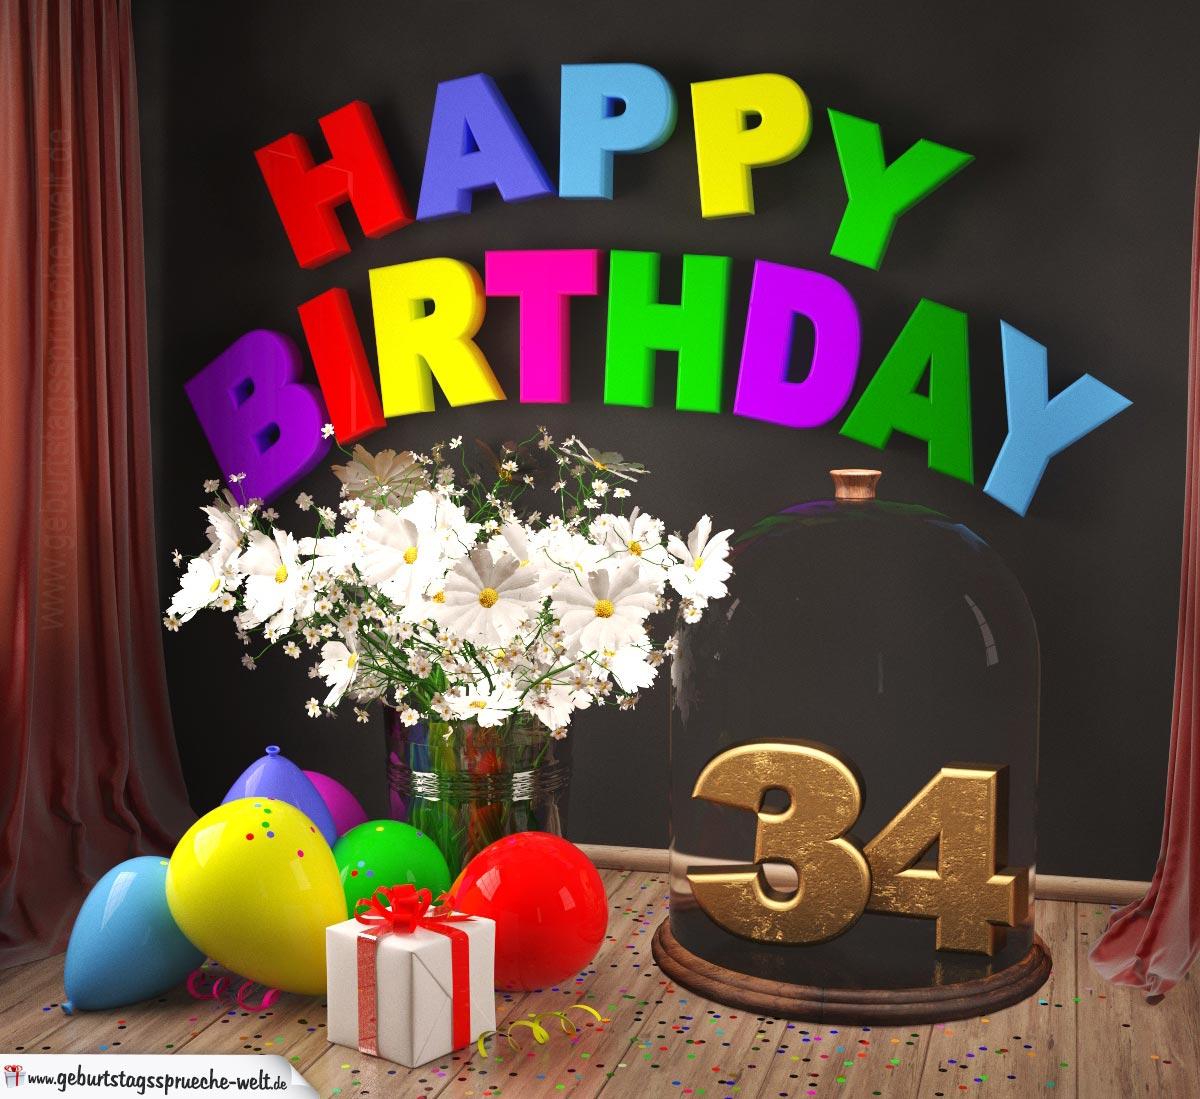 Happy Birthday 34 Jahre Glückwunschkarte mit Margeriten-Blumenstrauß, Luftballons und Geschenk unter Glasglocke